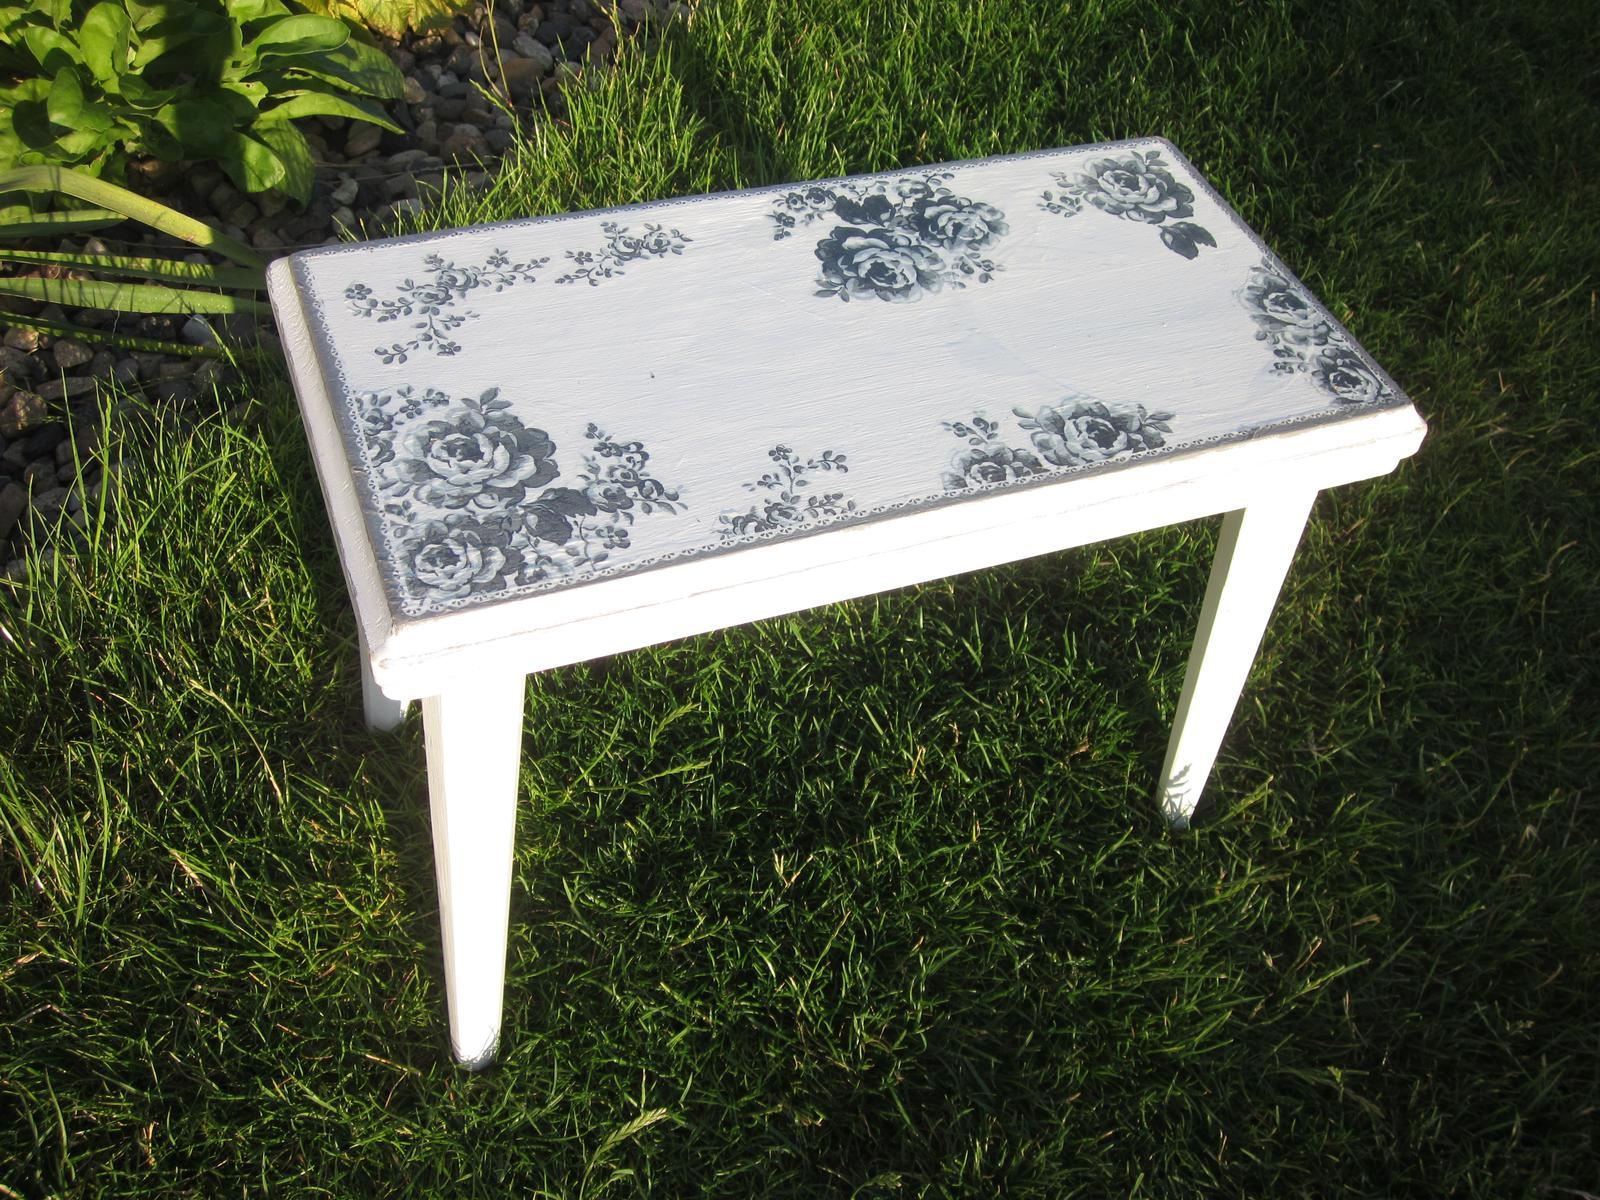 Moje výtvory - Dřevěnou oprýskanou stoličku jsem vyrvala z rukou paní co jí nesla k popelnicím :-D A jak se mi teď po zrenovování hodí na terásku!